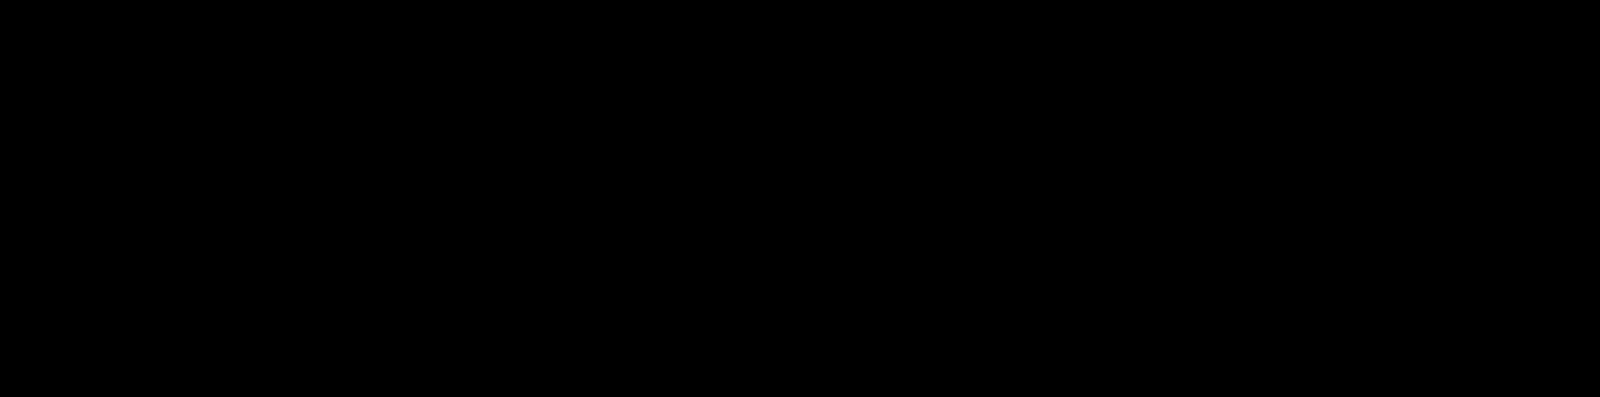 ZevaStyle